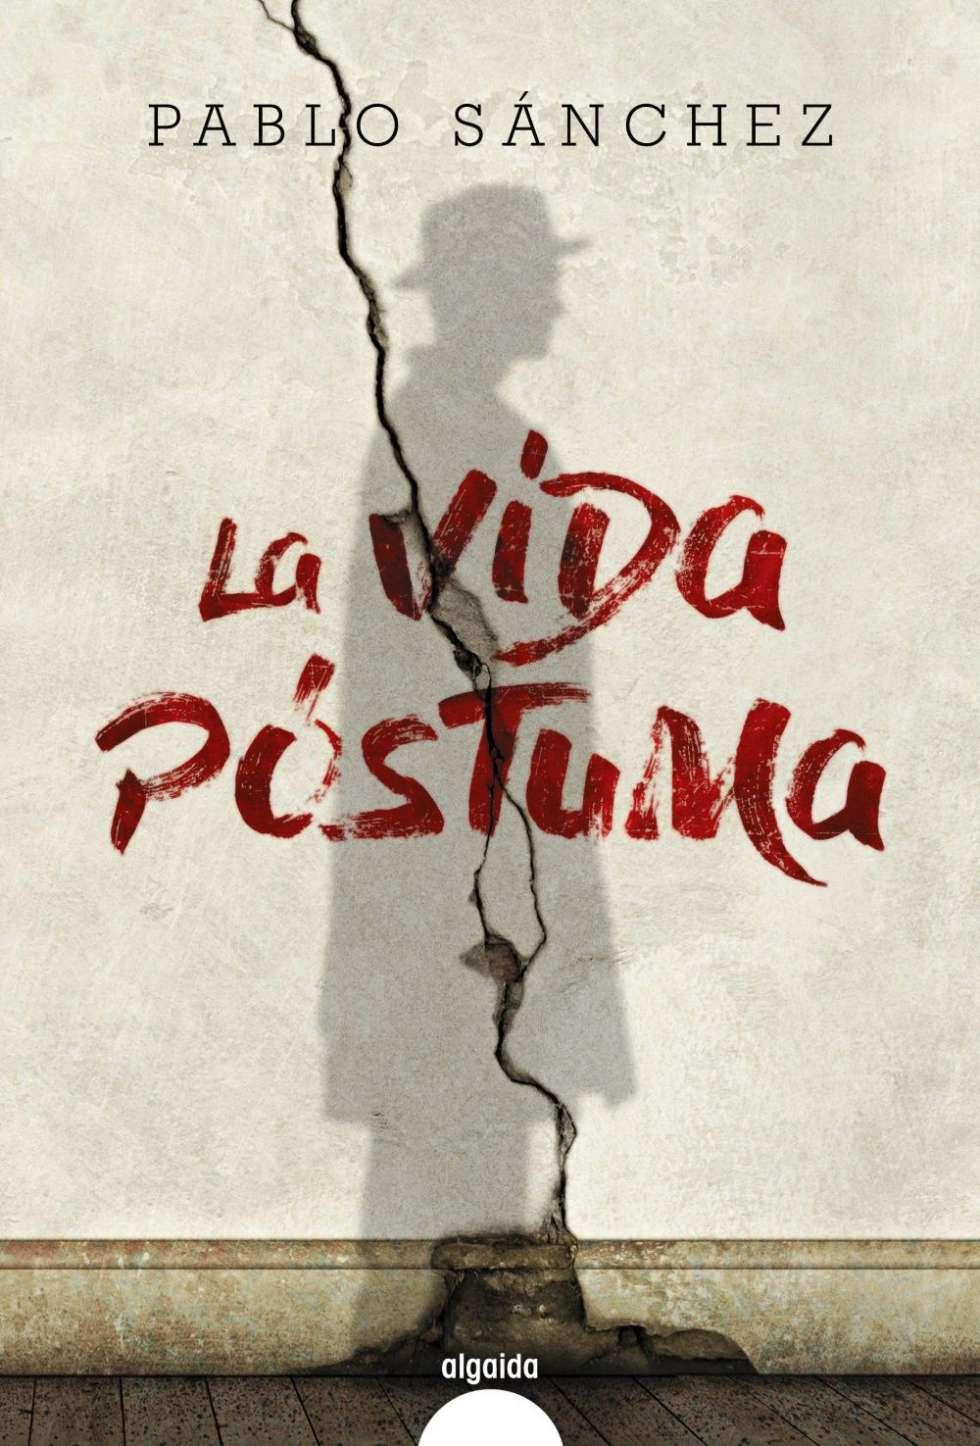 La vida póstuma, de Pablo Sánchez - Libros sobre padres e hijos